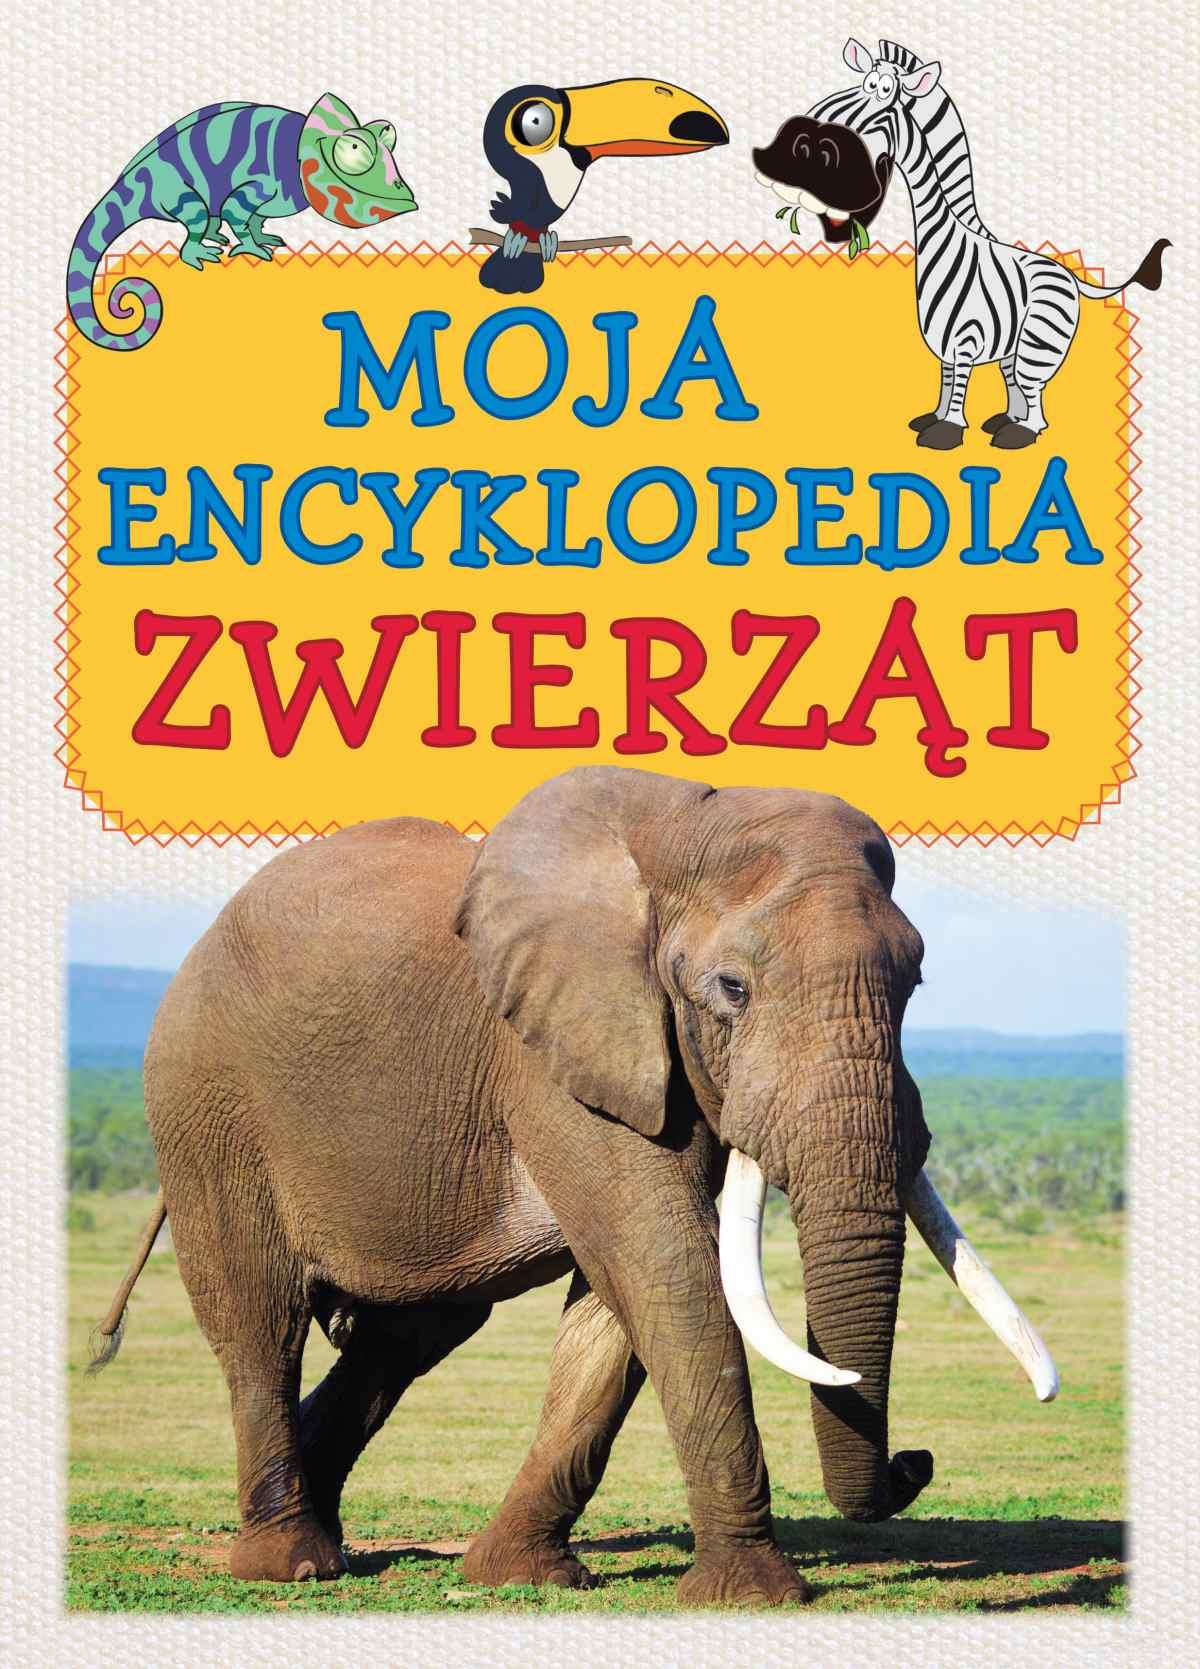 Moja encyklopedia zwierząt - Ebook (Książka PDF) do pobrania w formacie PDF